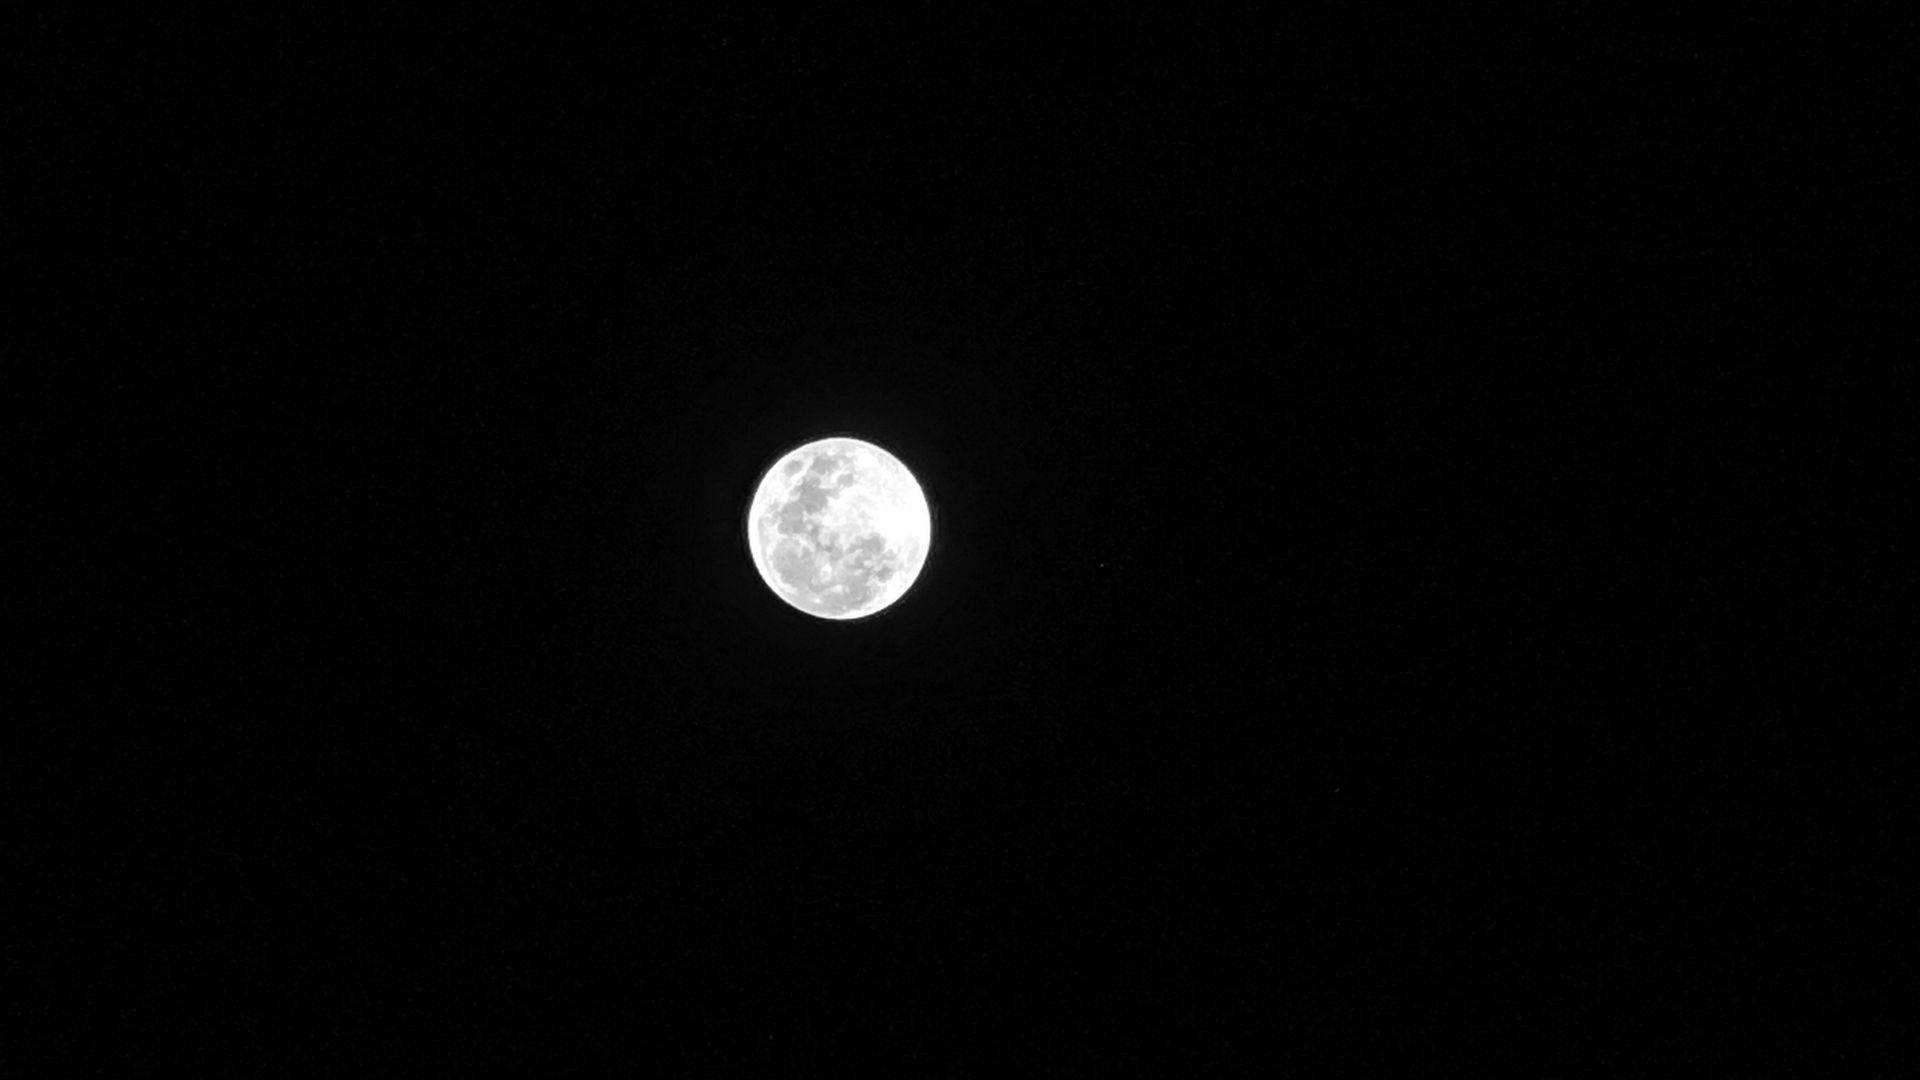 Câmeras de celular: foto da lua tirada da periscópio do Huawei P30 Pro (Foto: Shutterstock)